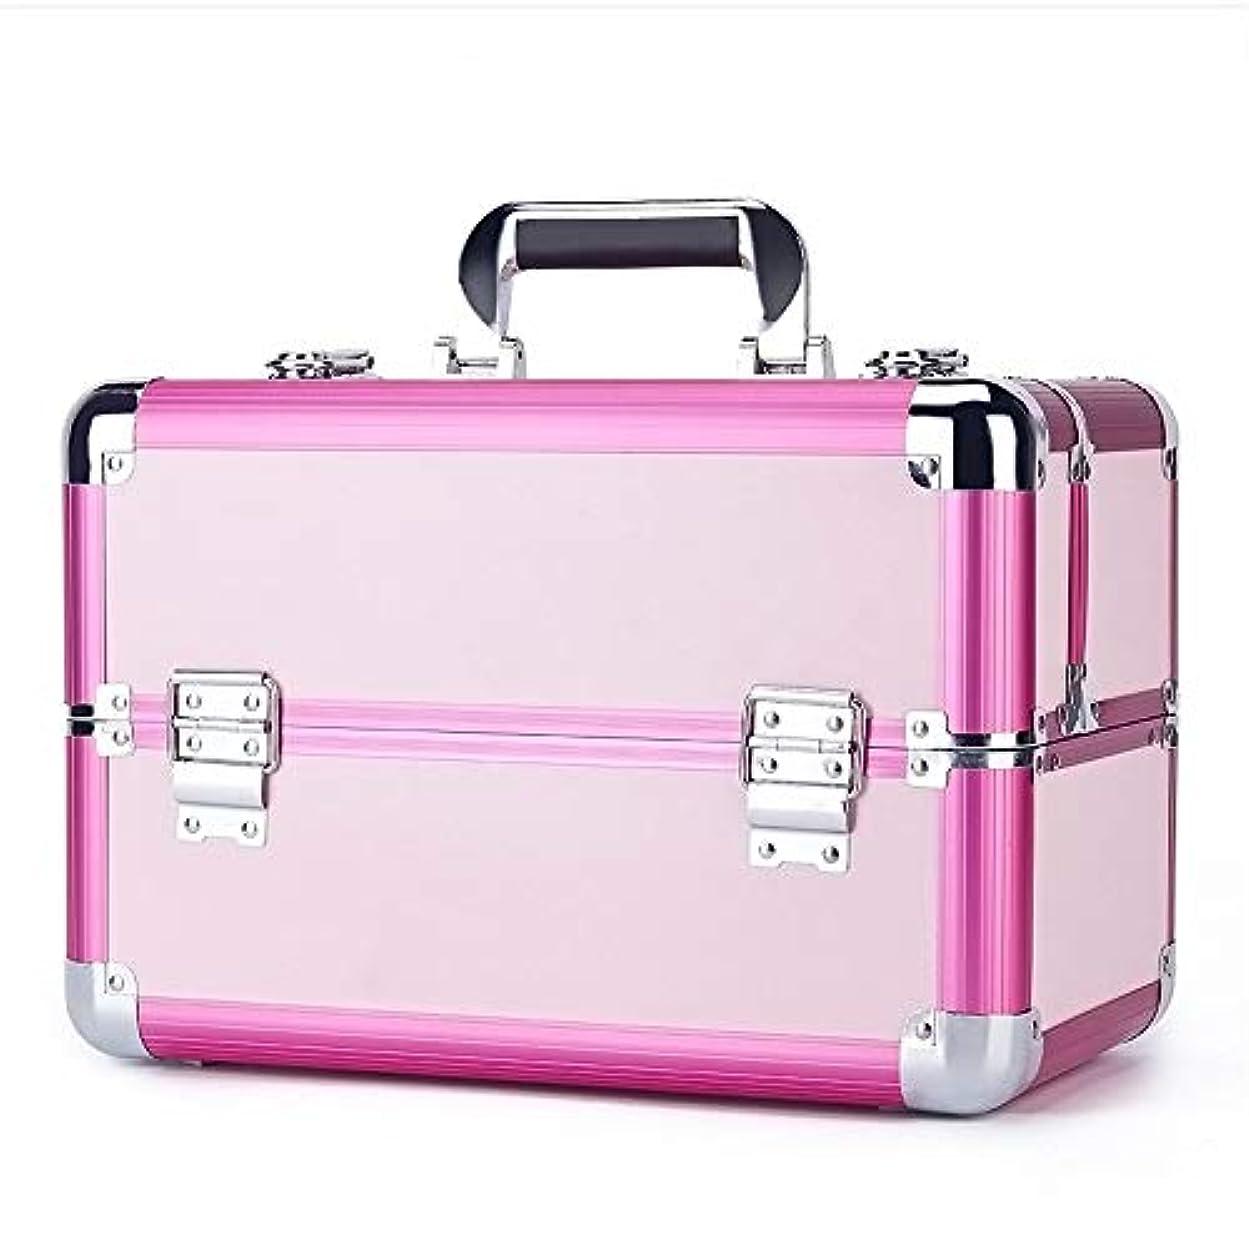 コンクリート結婚するミルク化粧オーガナイザーバッグ 旅行メイクアップバッグパターンメイクアップアーティストケーストレインボックス化粧品オーガナイザー収納用十代の女の子女性アーティスト 化粧品ケース (色 : ピンク)